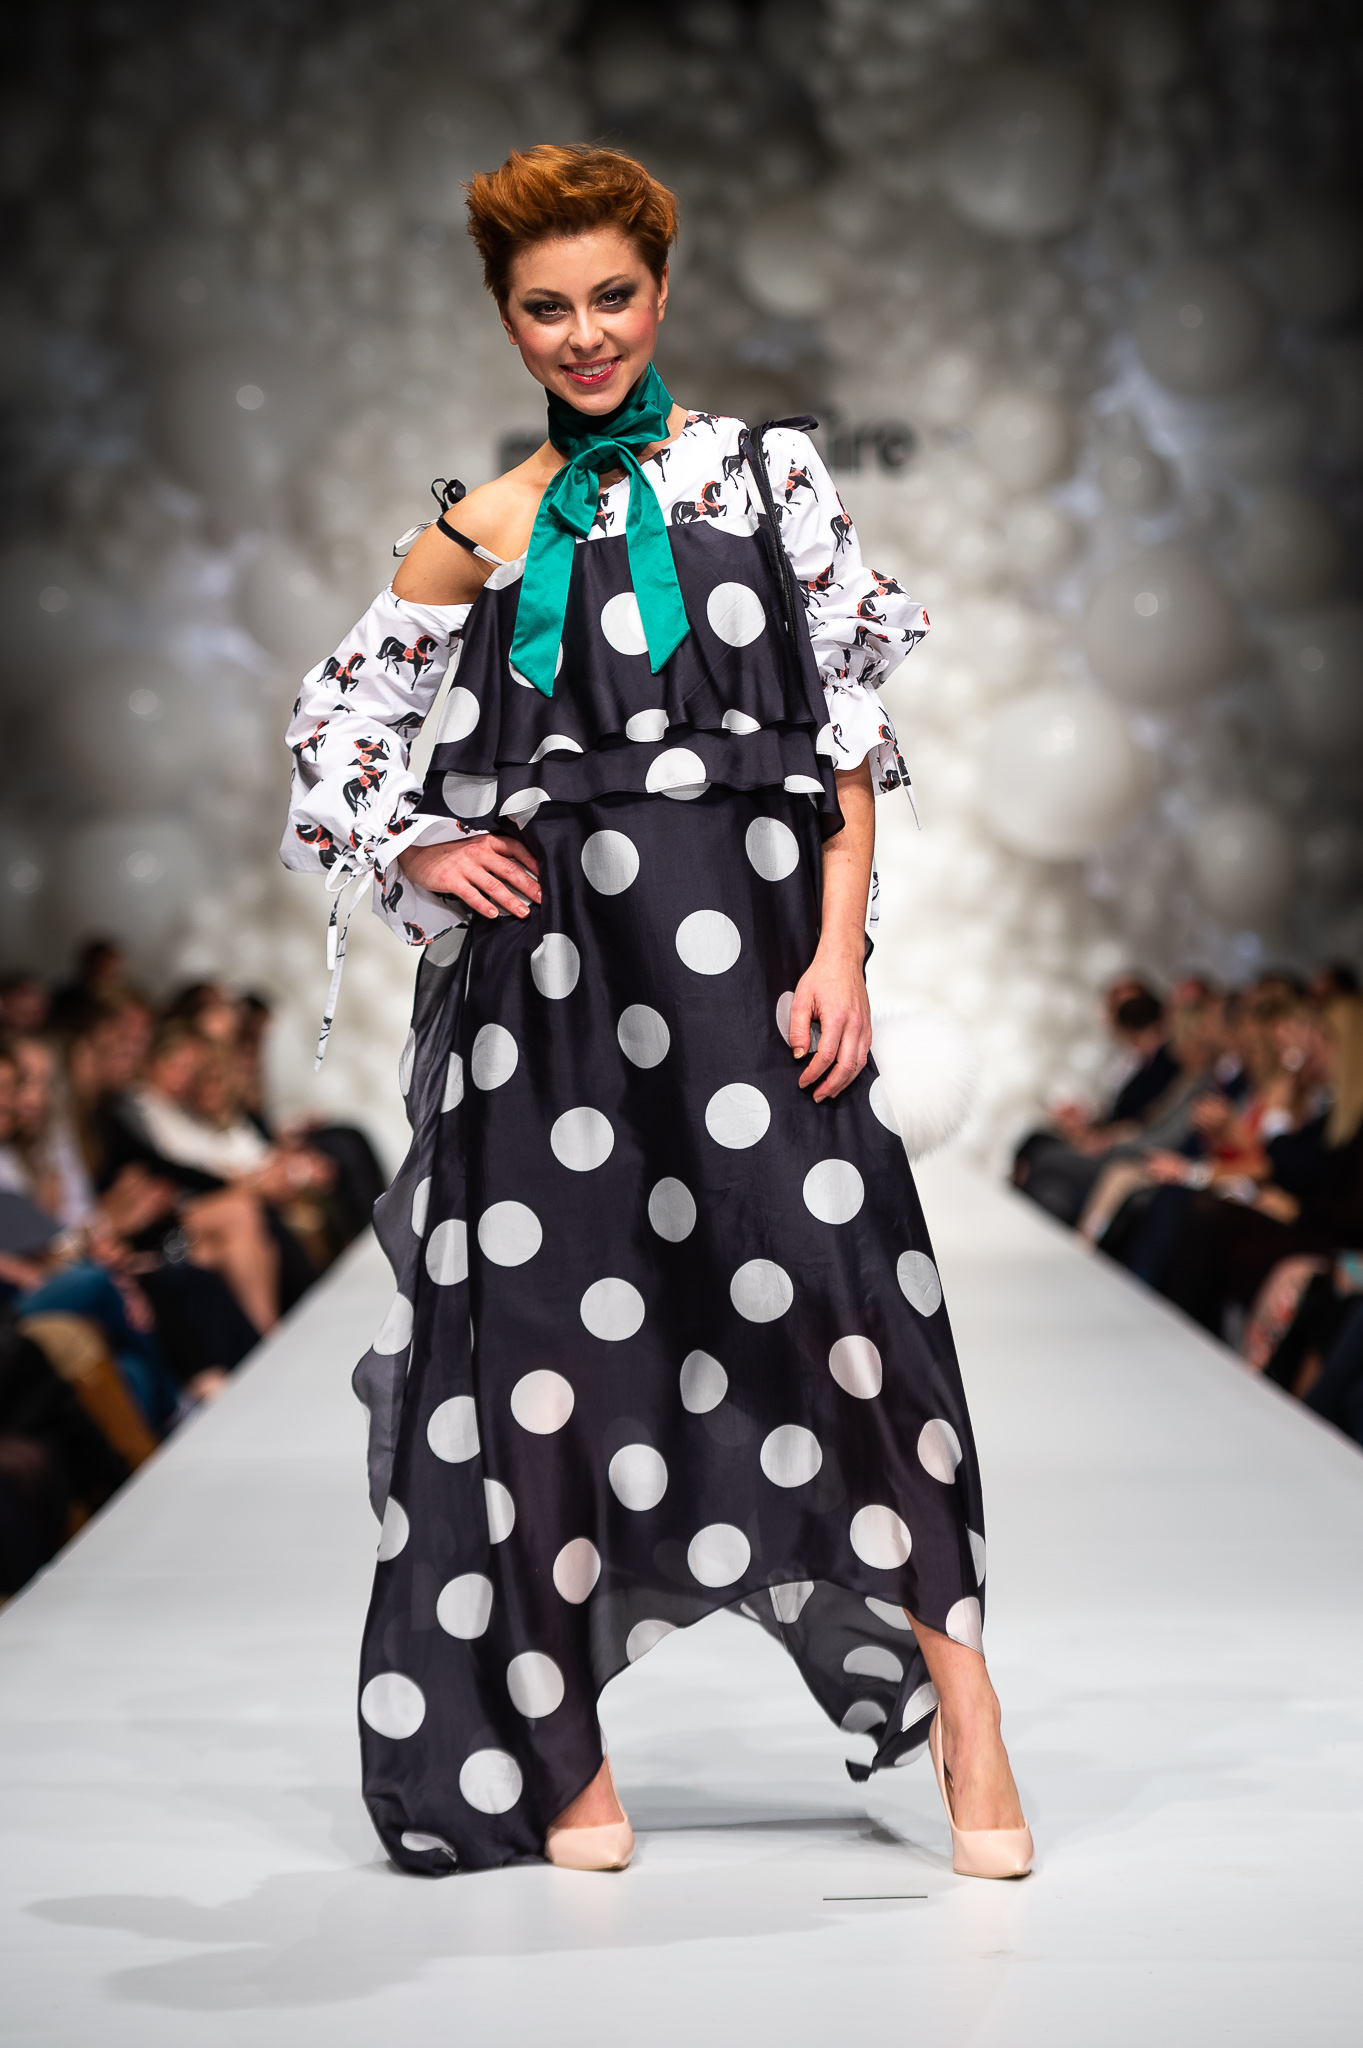 5. kép: Döbrösi Laure Cukovy-ruhában